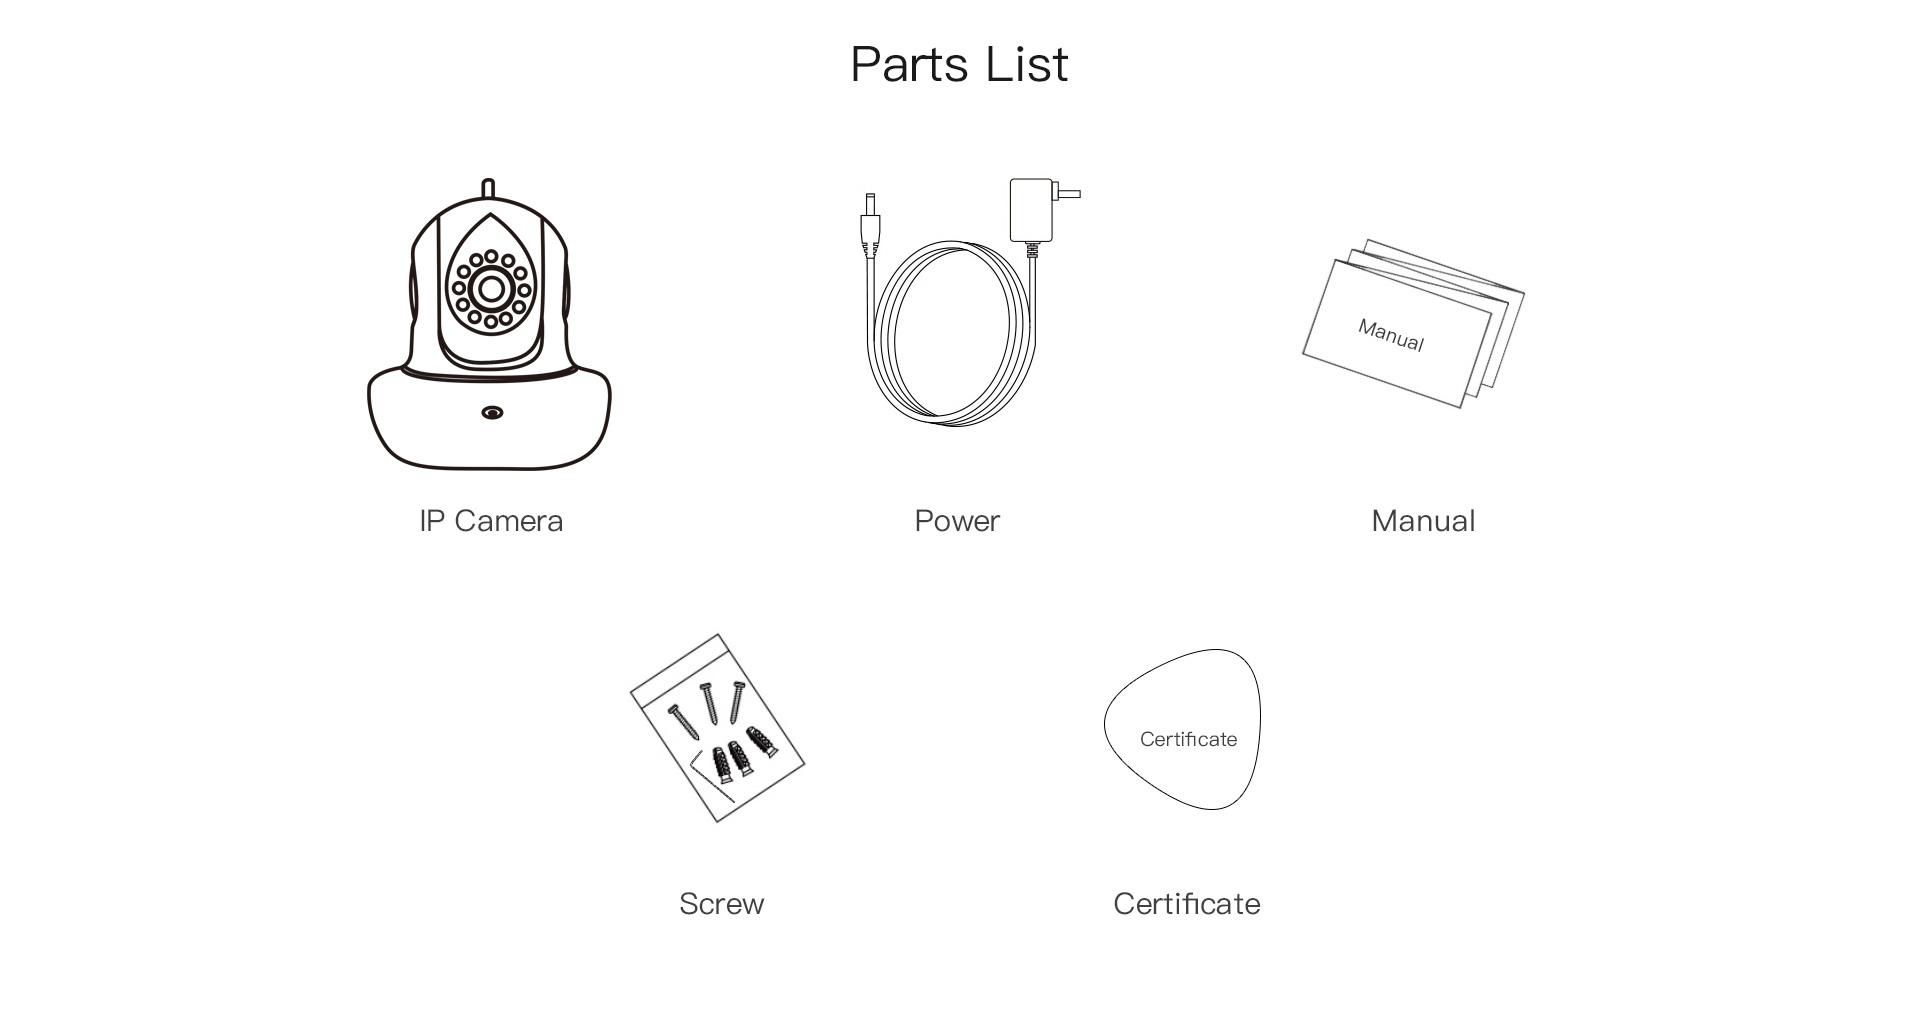 VStarcam product parts list